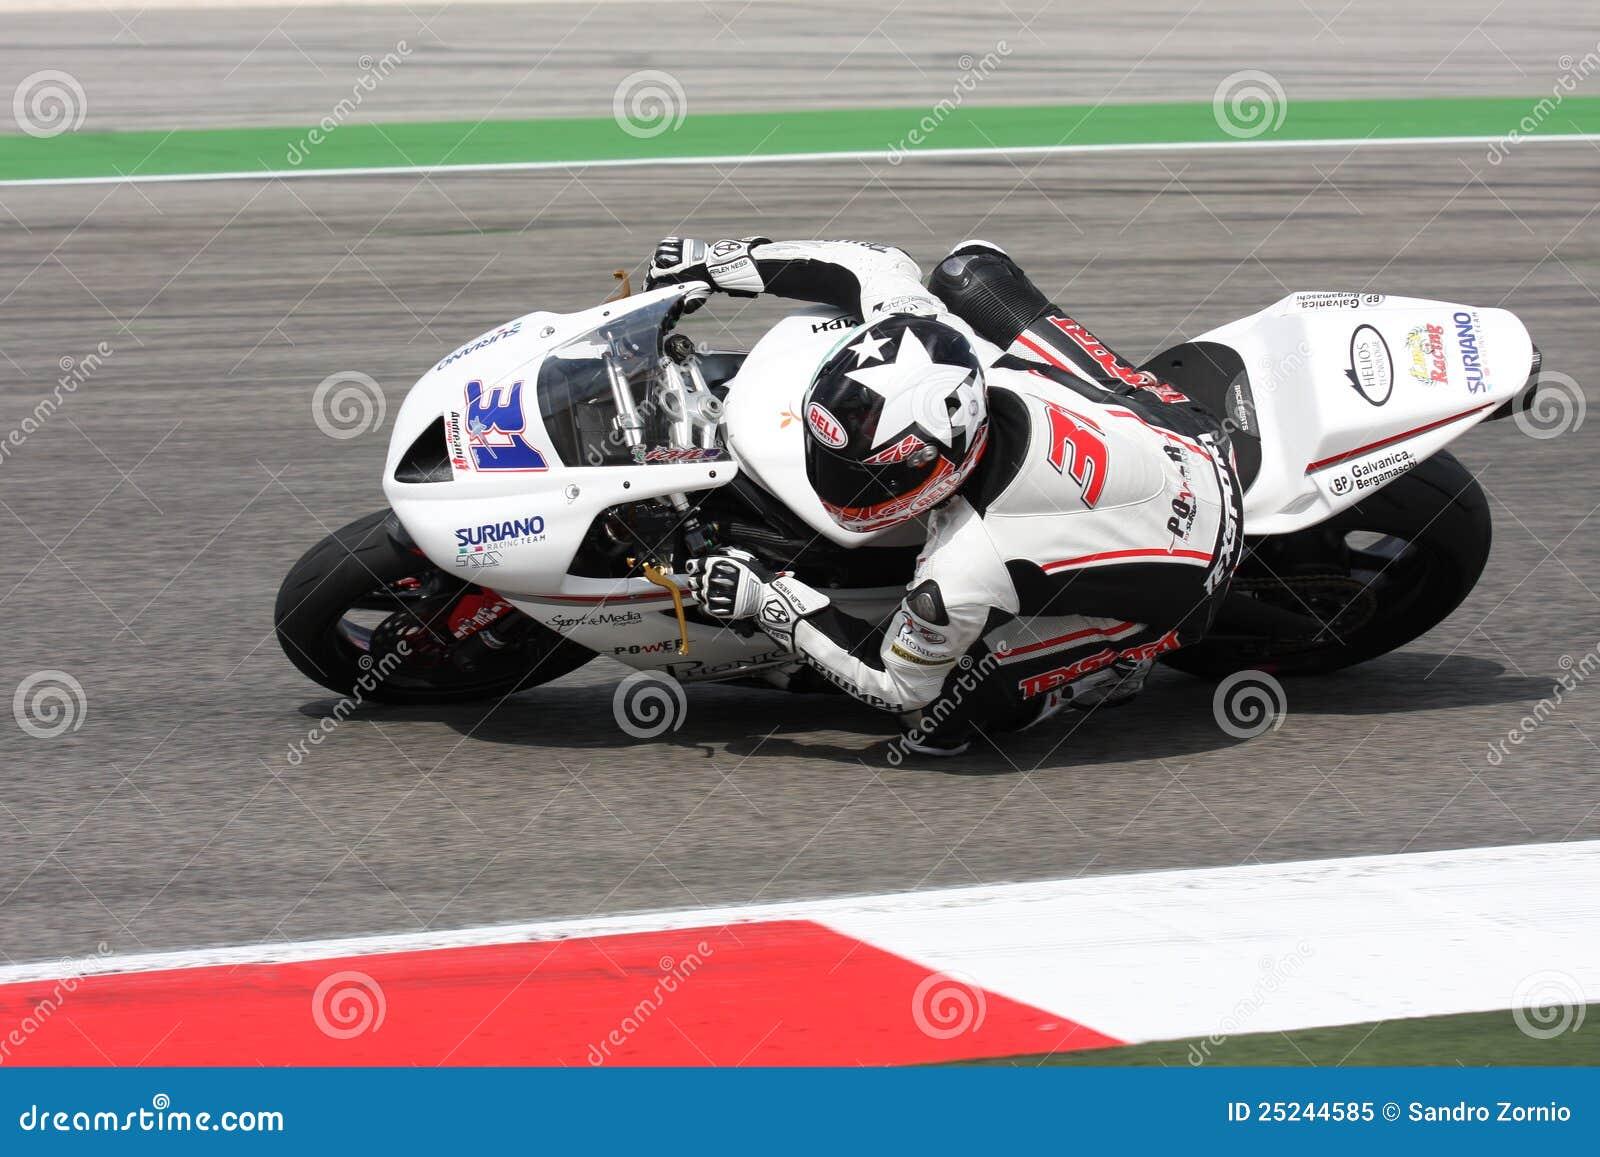 Trionfo Daytona Suriano di Vittorio Iannuzzo